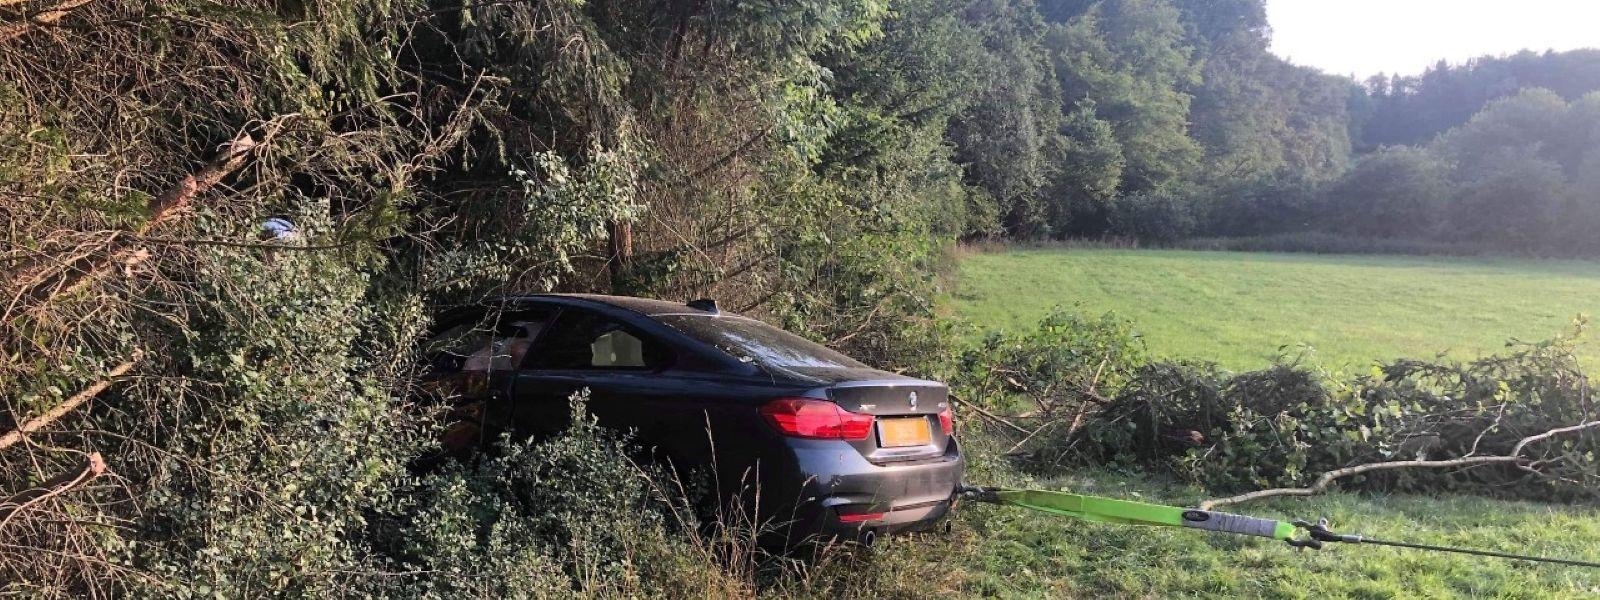 Le conducteur de 58 ans est décédé mercredi soir, vers 19h, alors qu'il circulait entre Grevenmacher et Oberdonwen